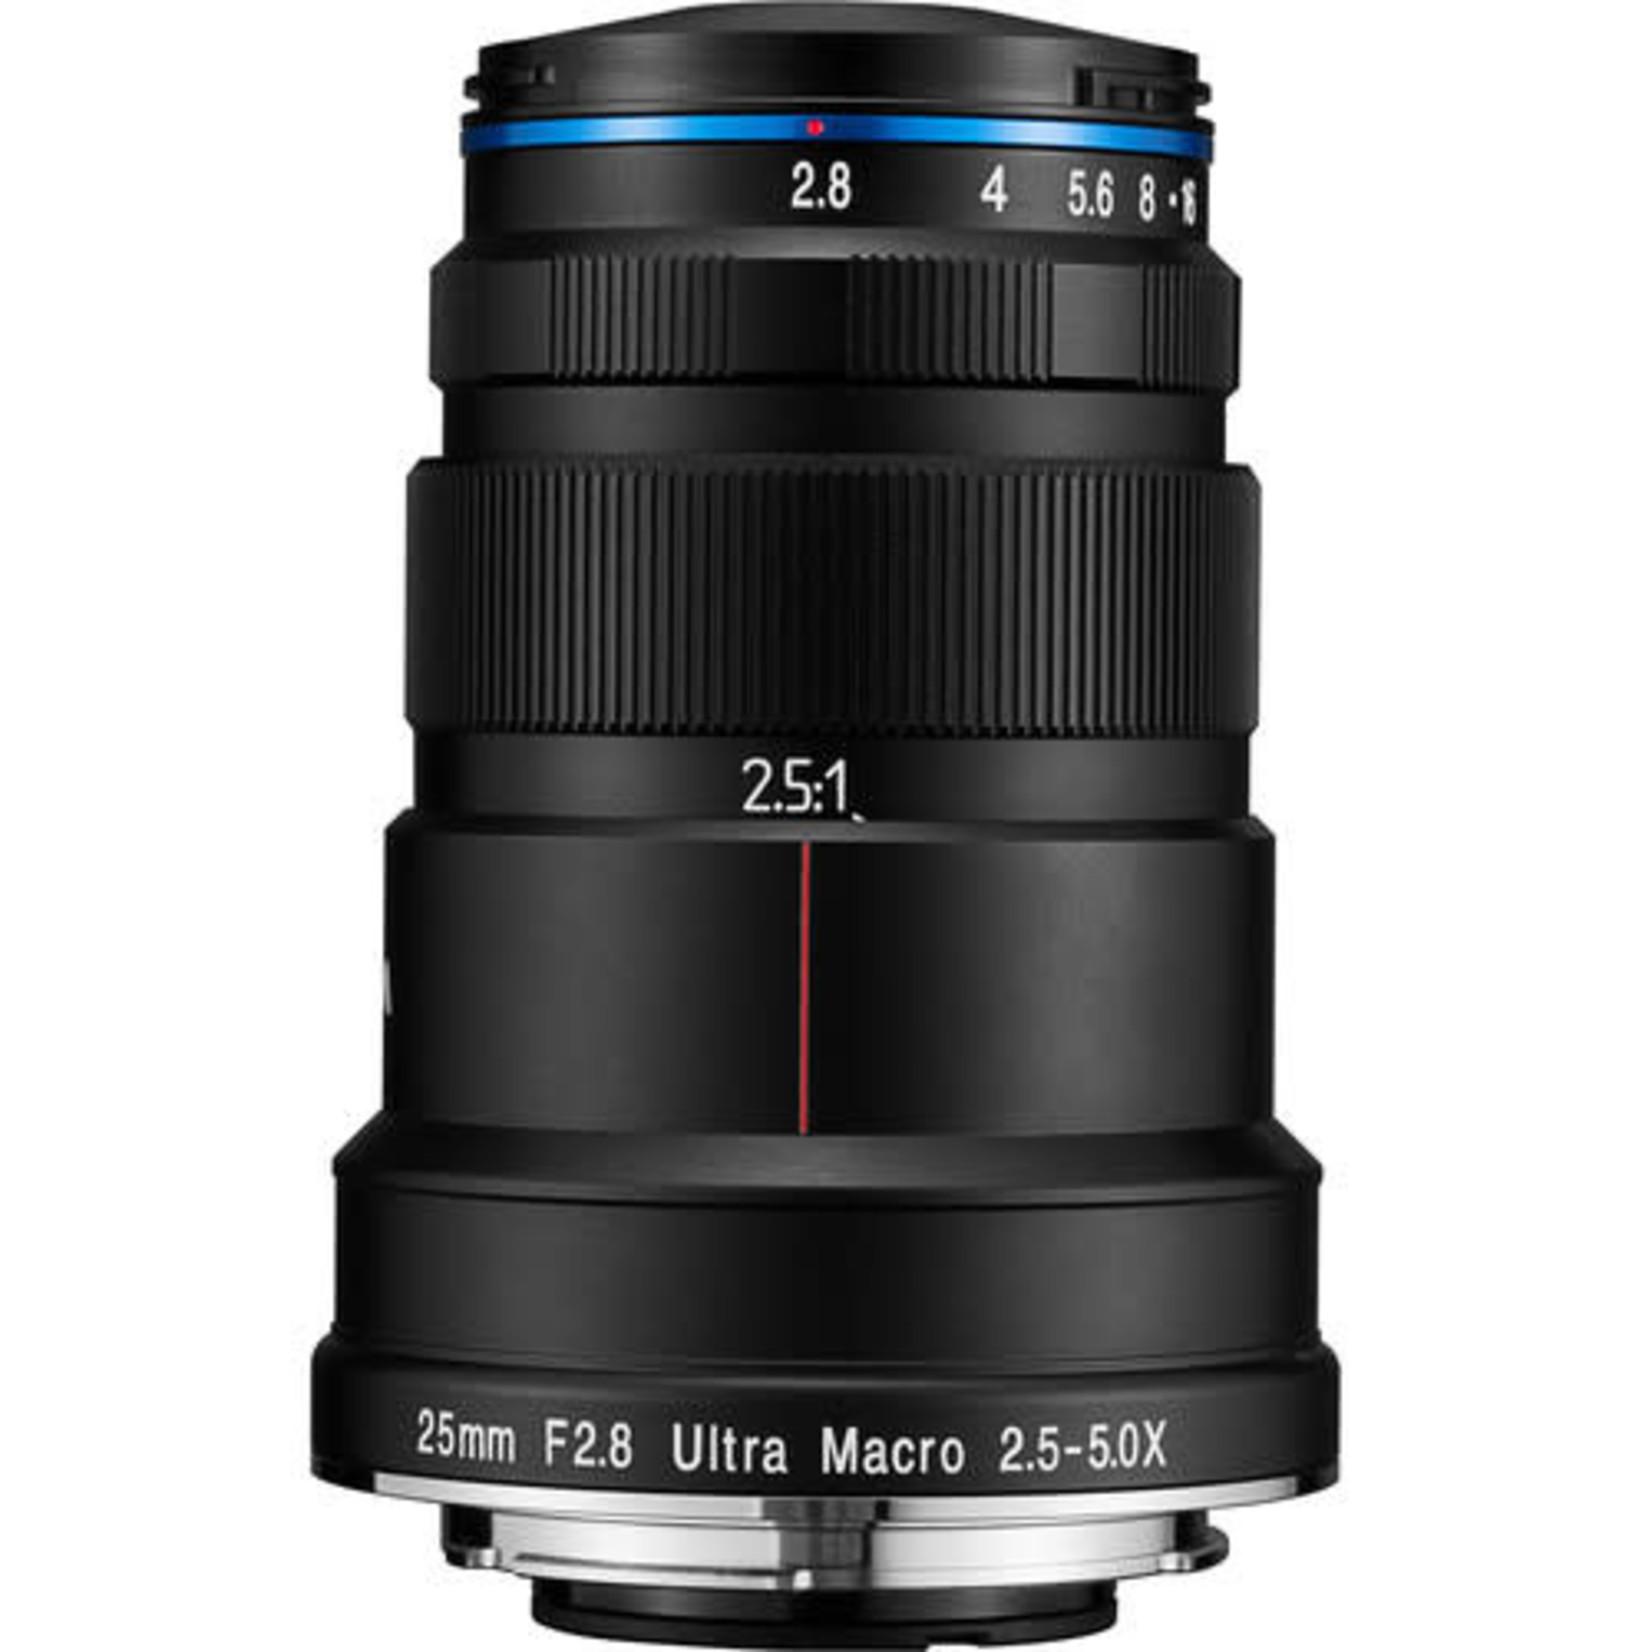 Laowa Laowa 25mm f/2.8 Ultra Macro for Nikon